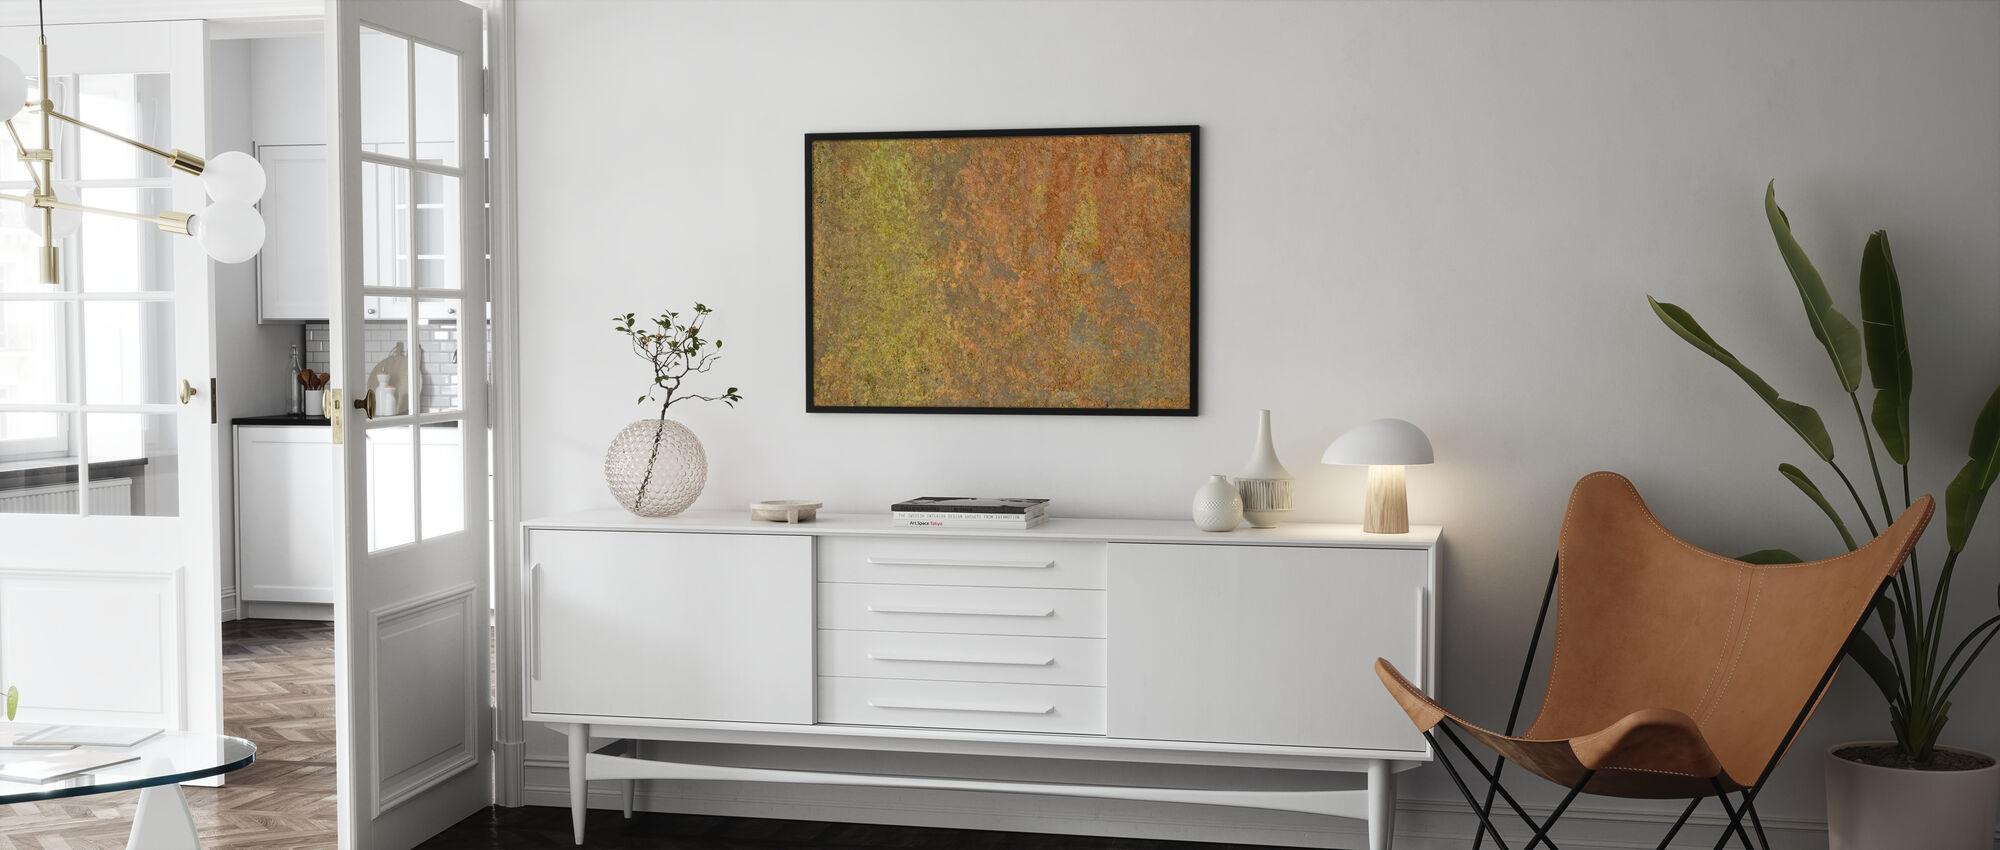 Metal Oxidation - Framed print - Living Room